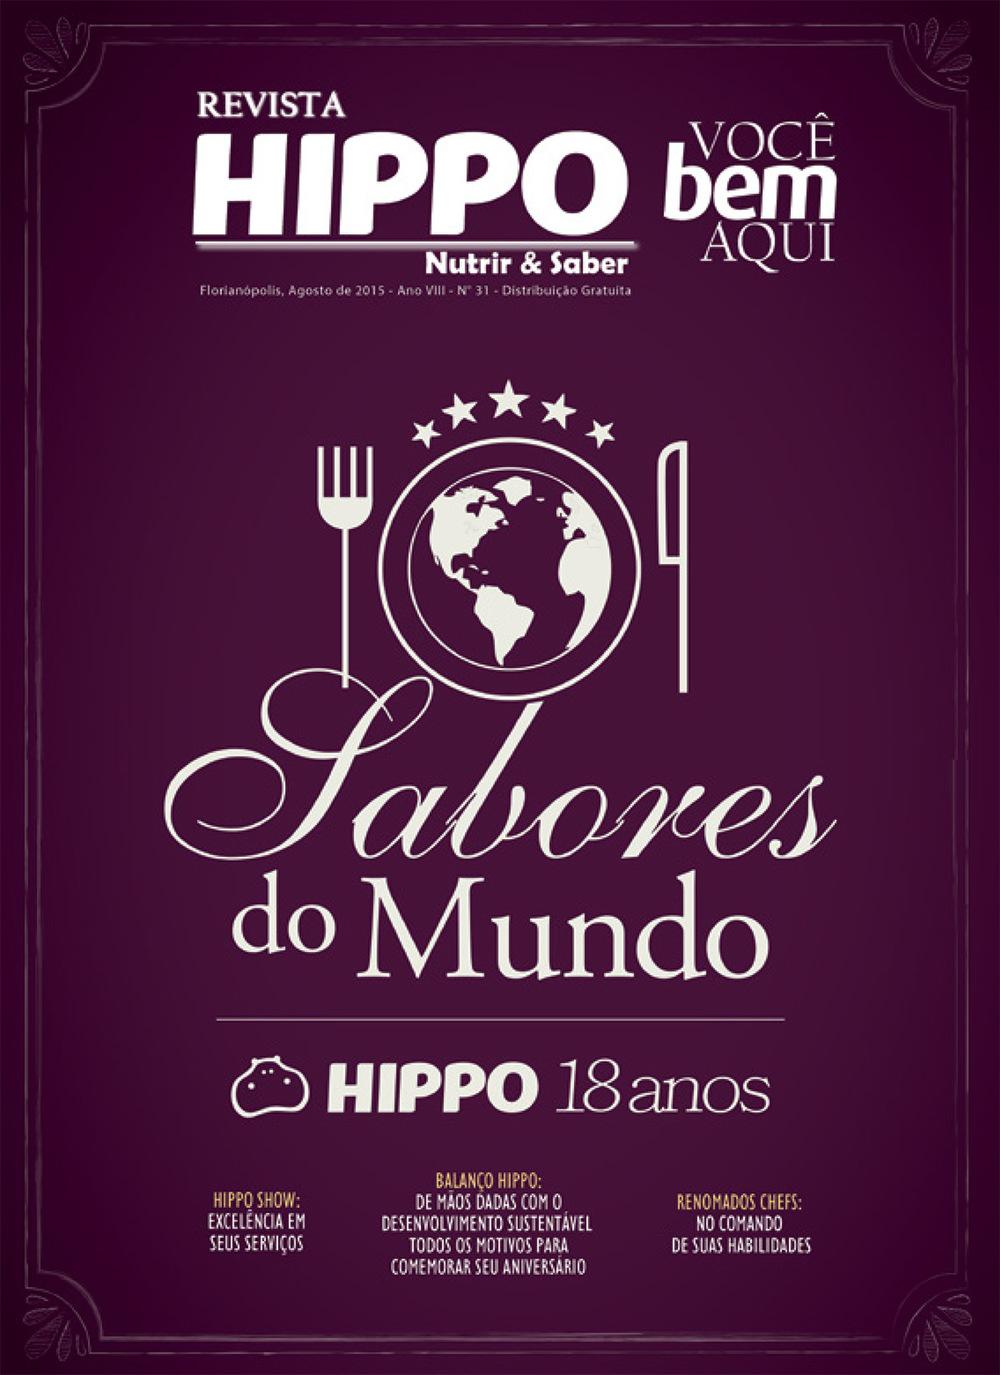 anuncio-pure-food-revista-hippo-edicao-31-outubro-capa.jpg